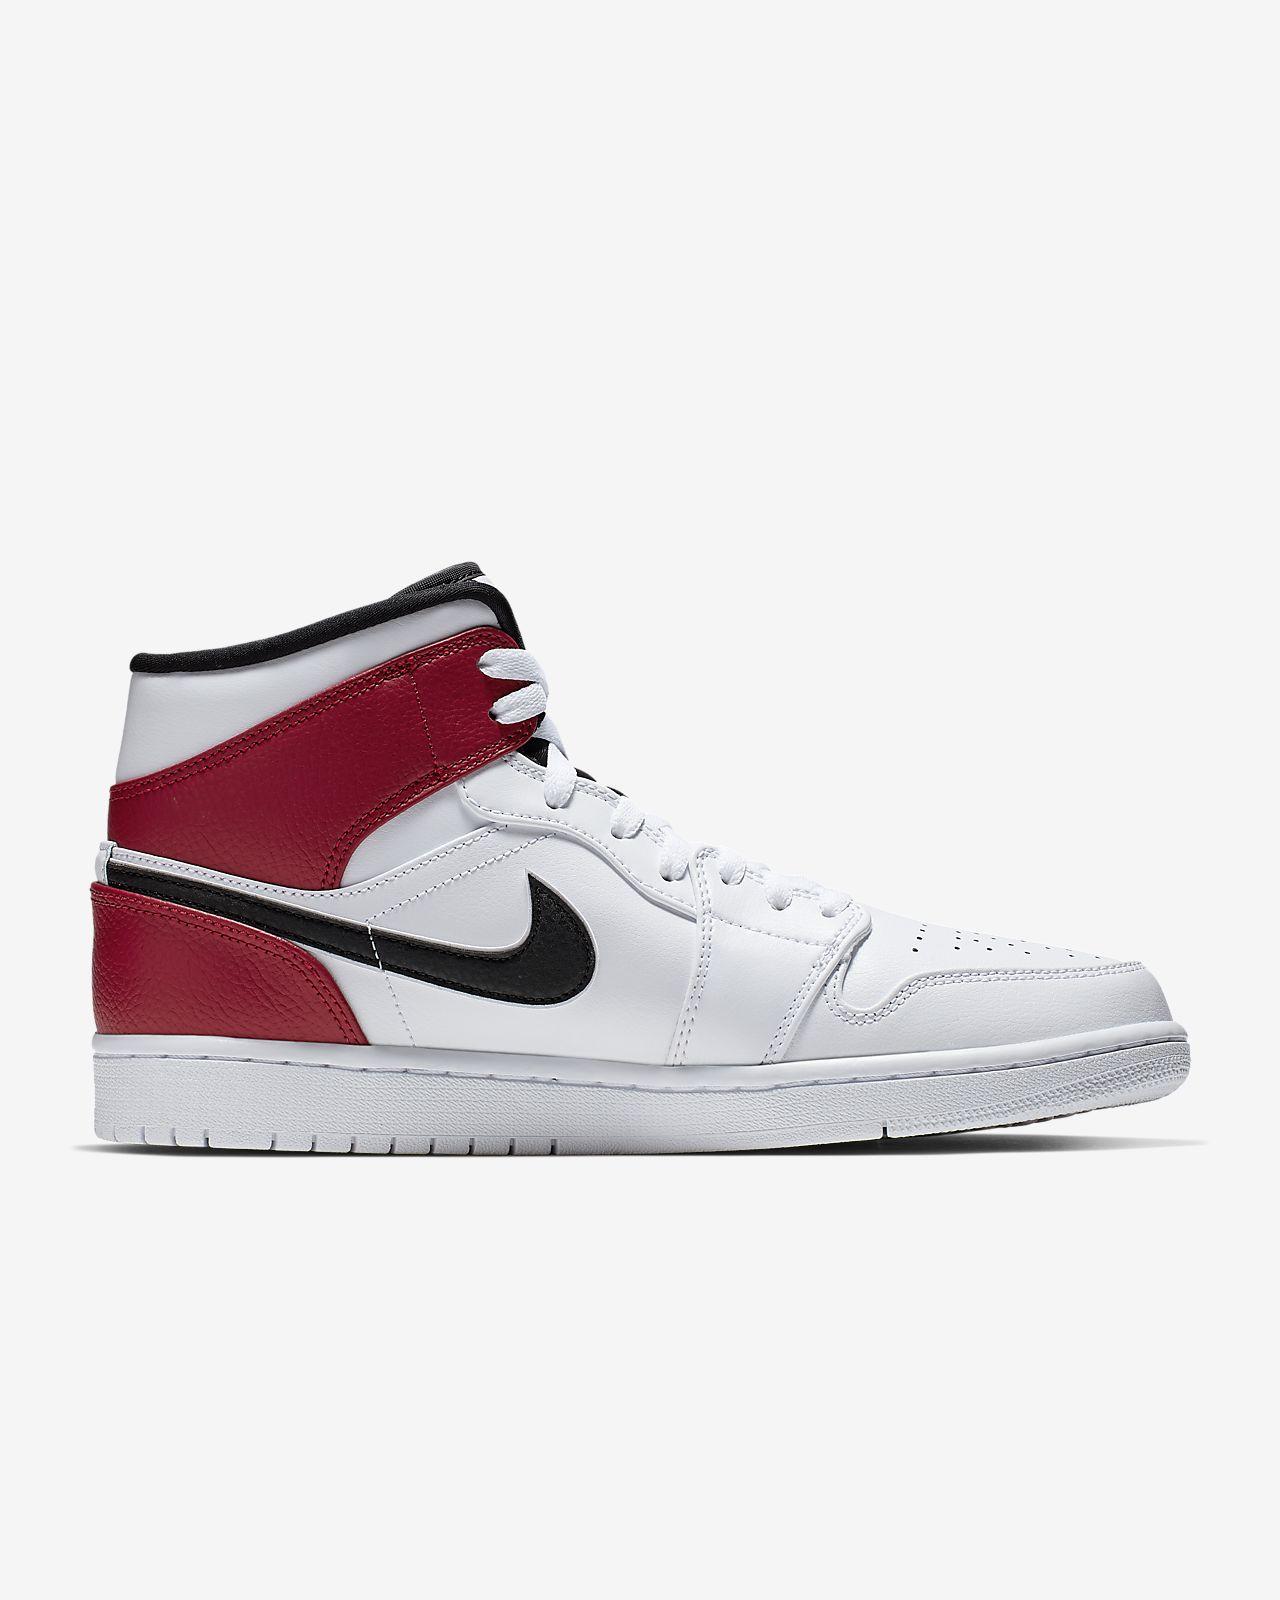 wholesale dealer 8898a 542d2 ... Chaussure Air Jordan 1 Mid pour Homme